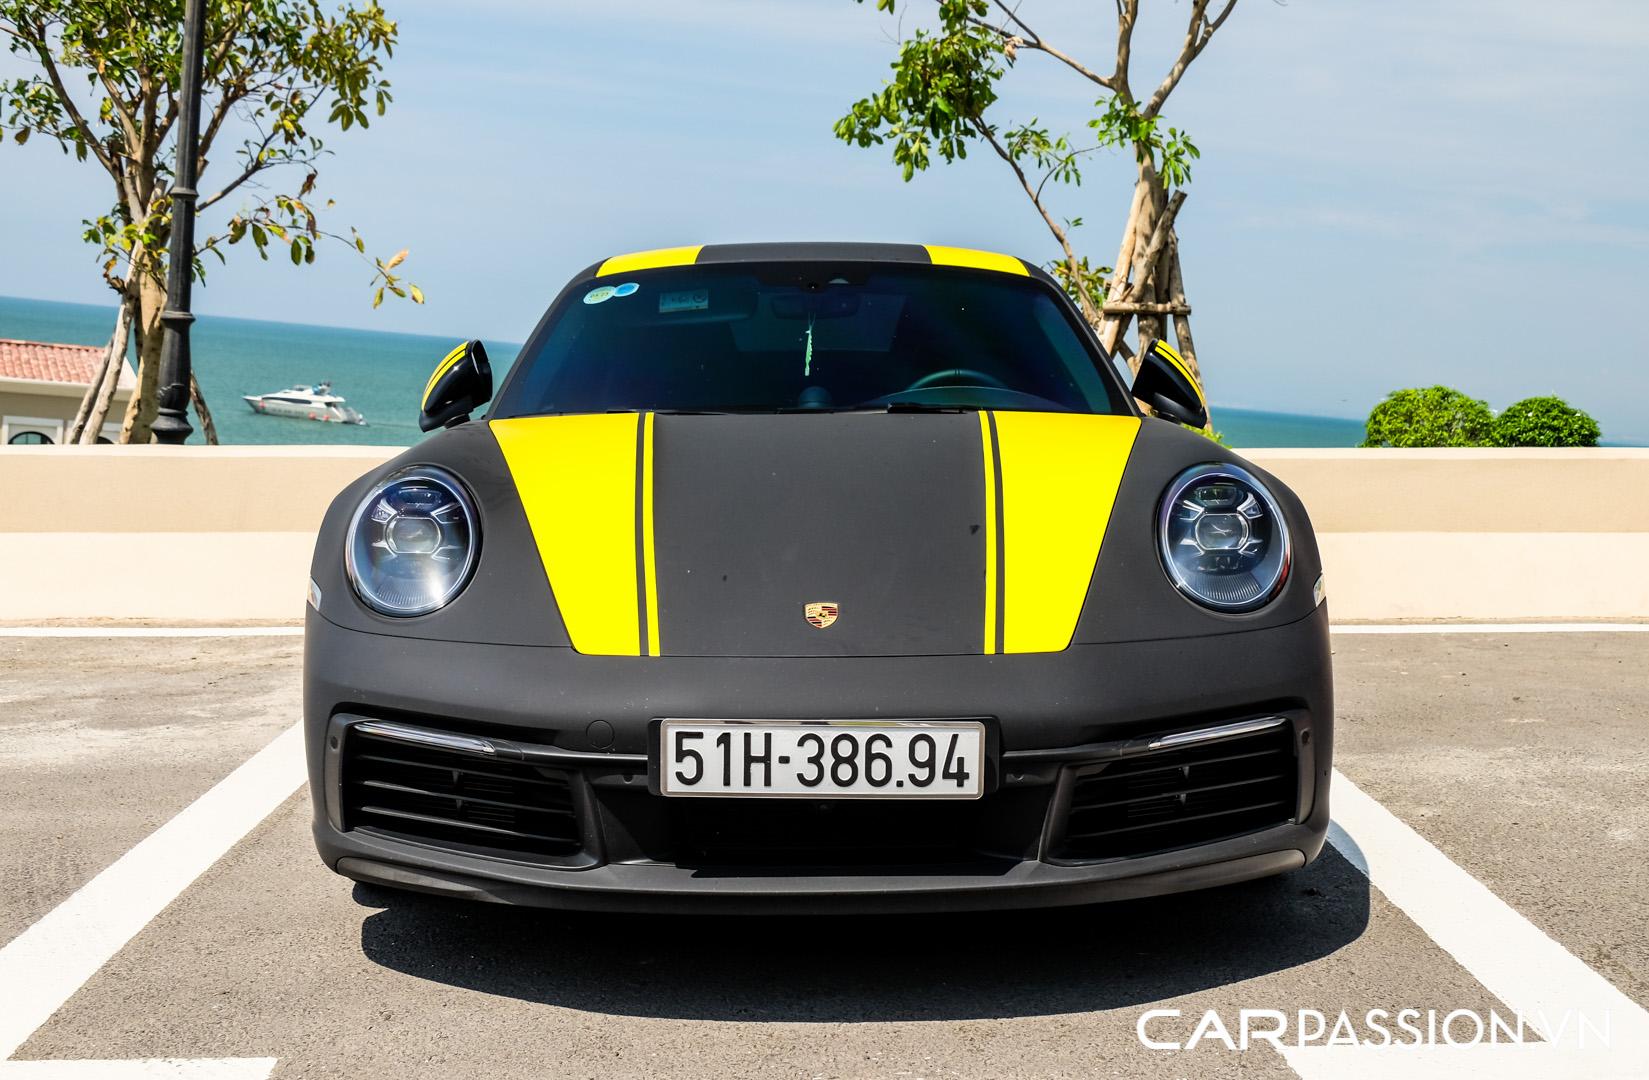 Porsche 911 của vợ chồng YouTuber (9).JPG